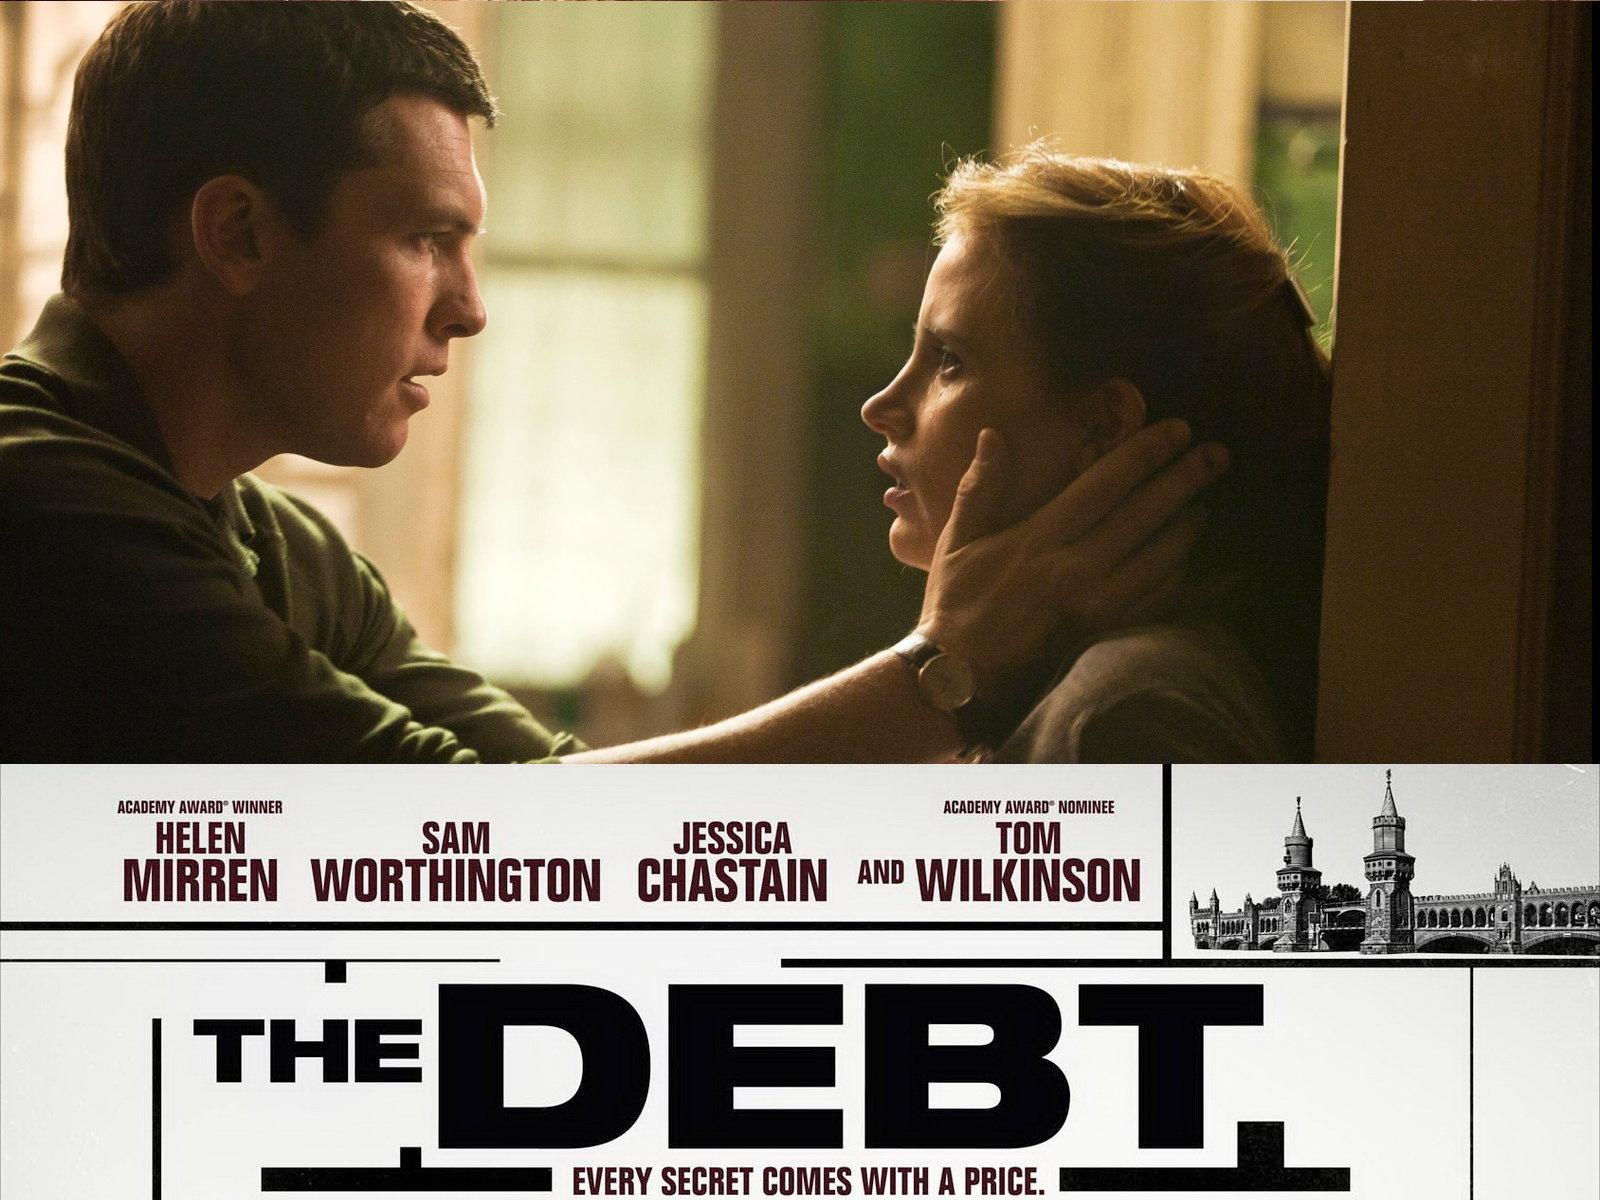 http://1.bp.blogspot.com/-hi69mP8RS_Y/TwfUG7sJ2wI/AAAAAAAAD_M/9JwRo-nYo9Q/s1600/The-Debt-Wallpaper-05.jpg